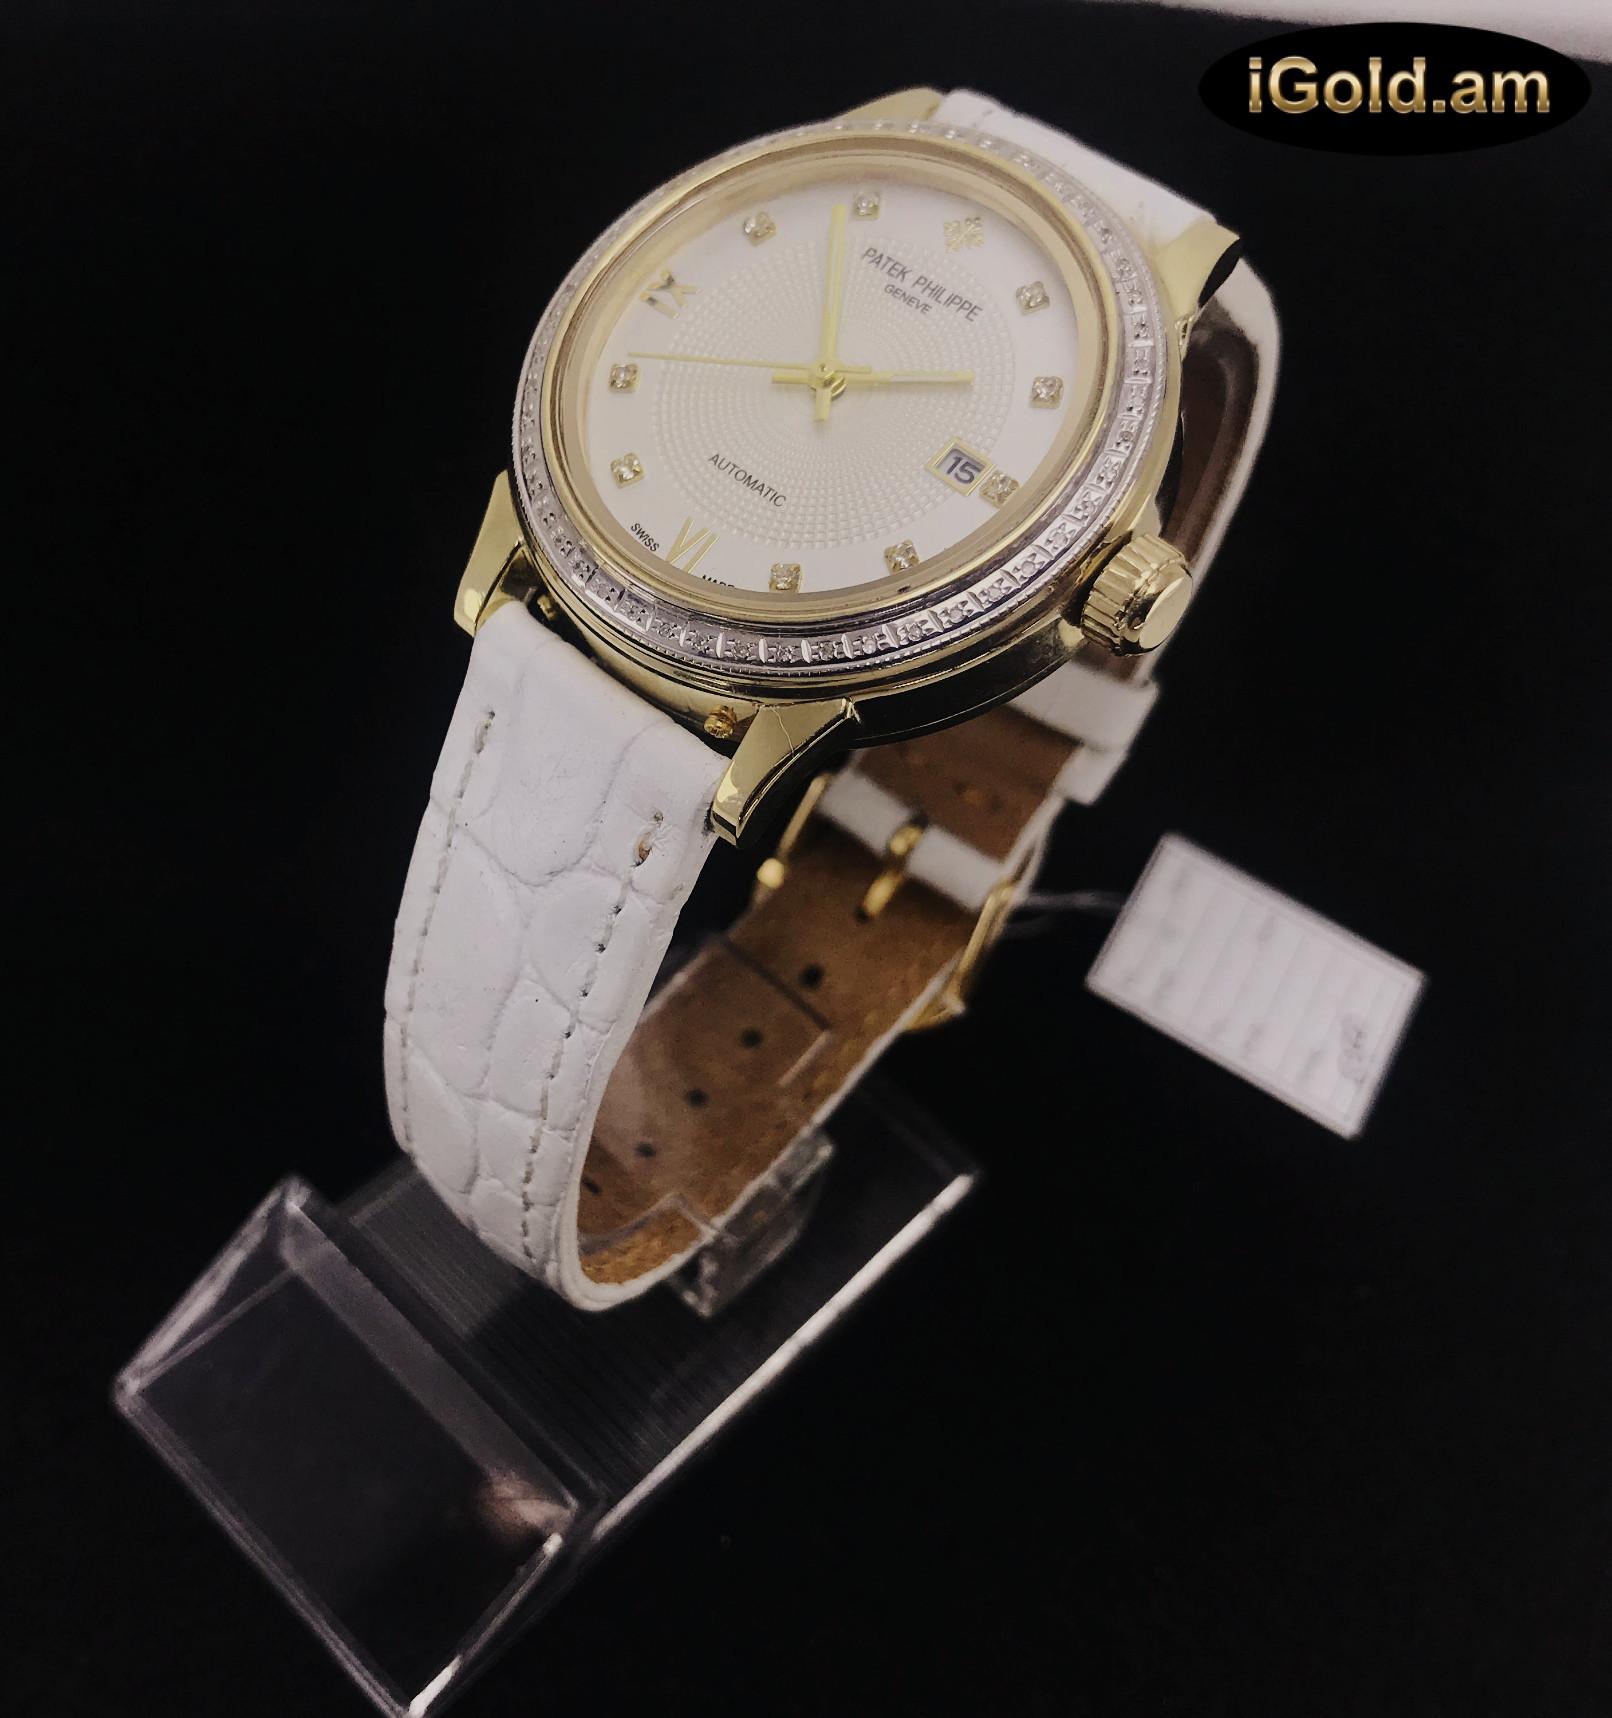 Ոսկյա կանացի, տղամարդու ժամացույց ադամանդով - 8 - կոդ 151-934 voskya kanaci, txamardu jamacuyc adamandov - 8